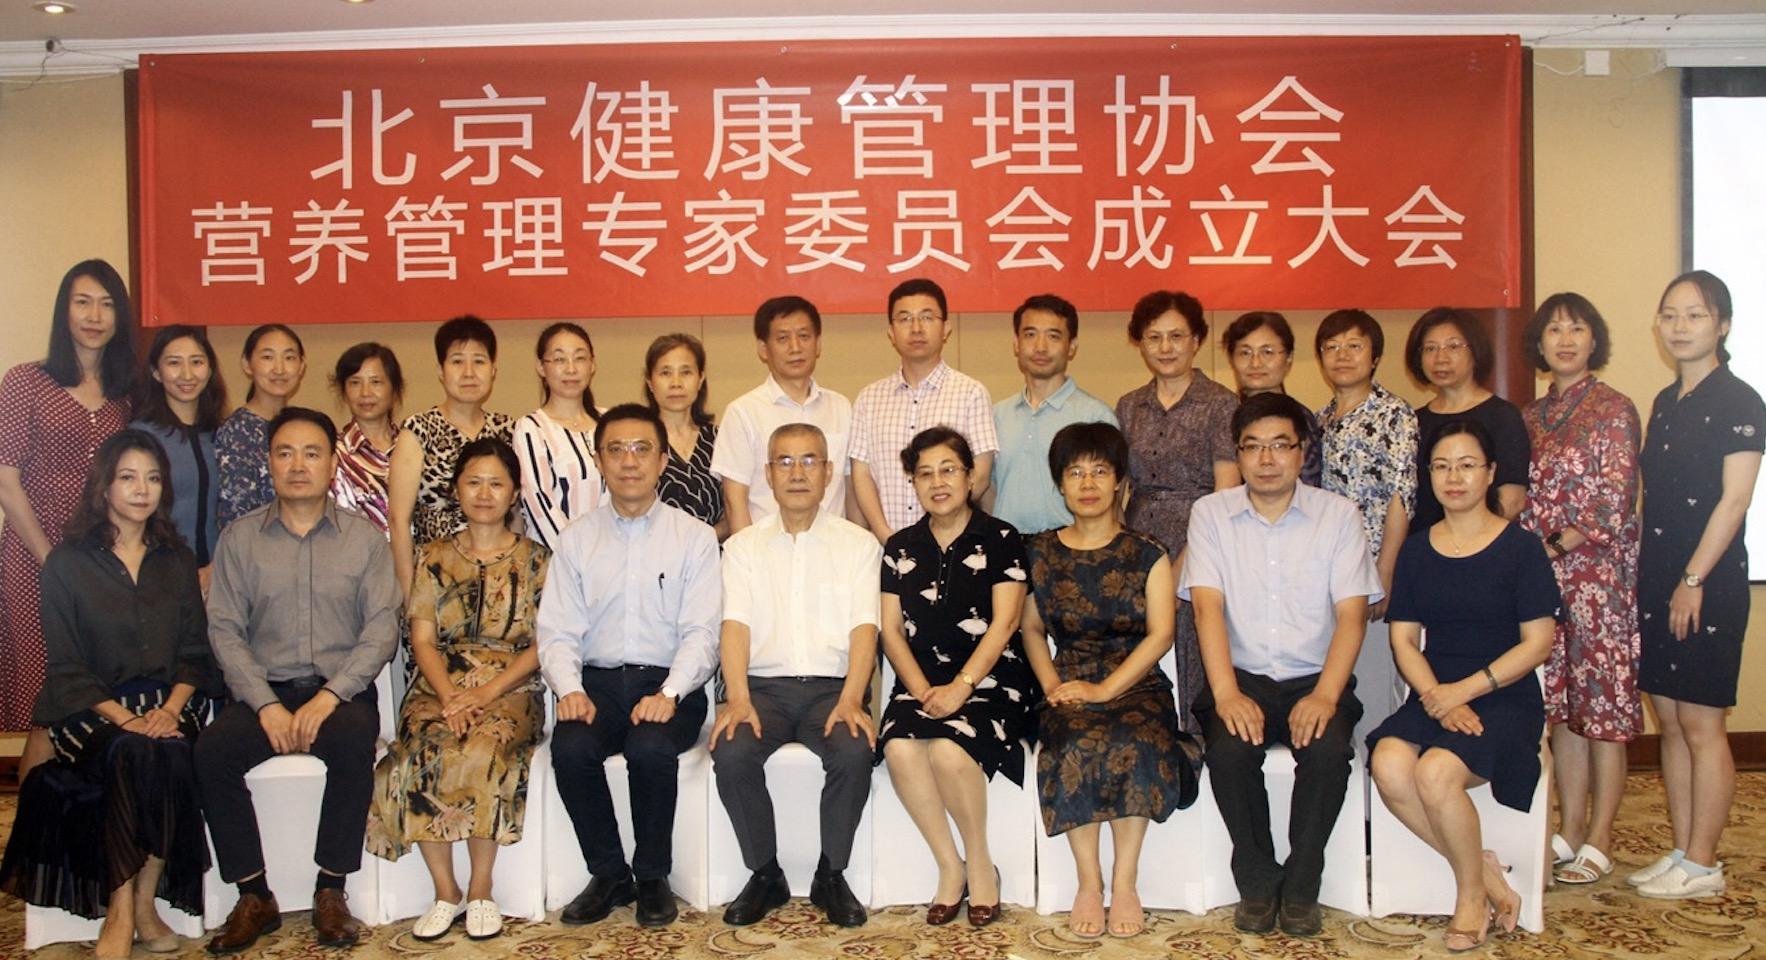 北京健康管理协会营养管理专家委员会成立